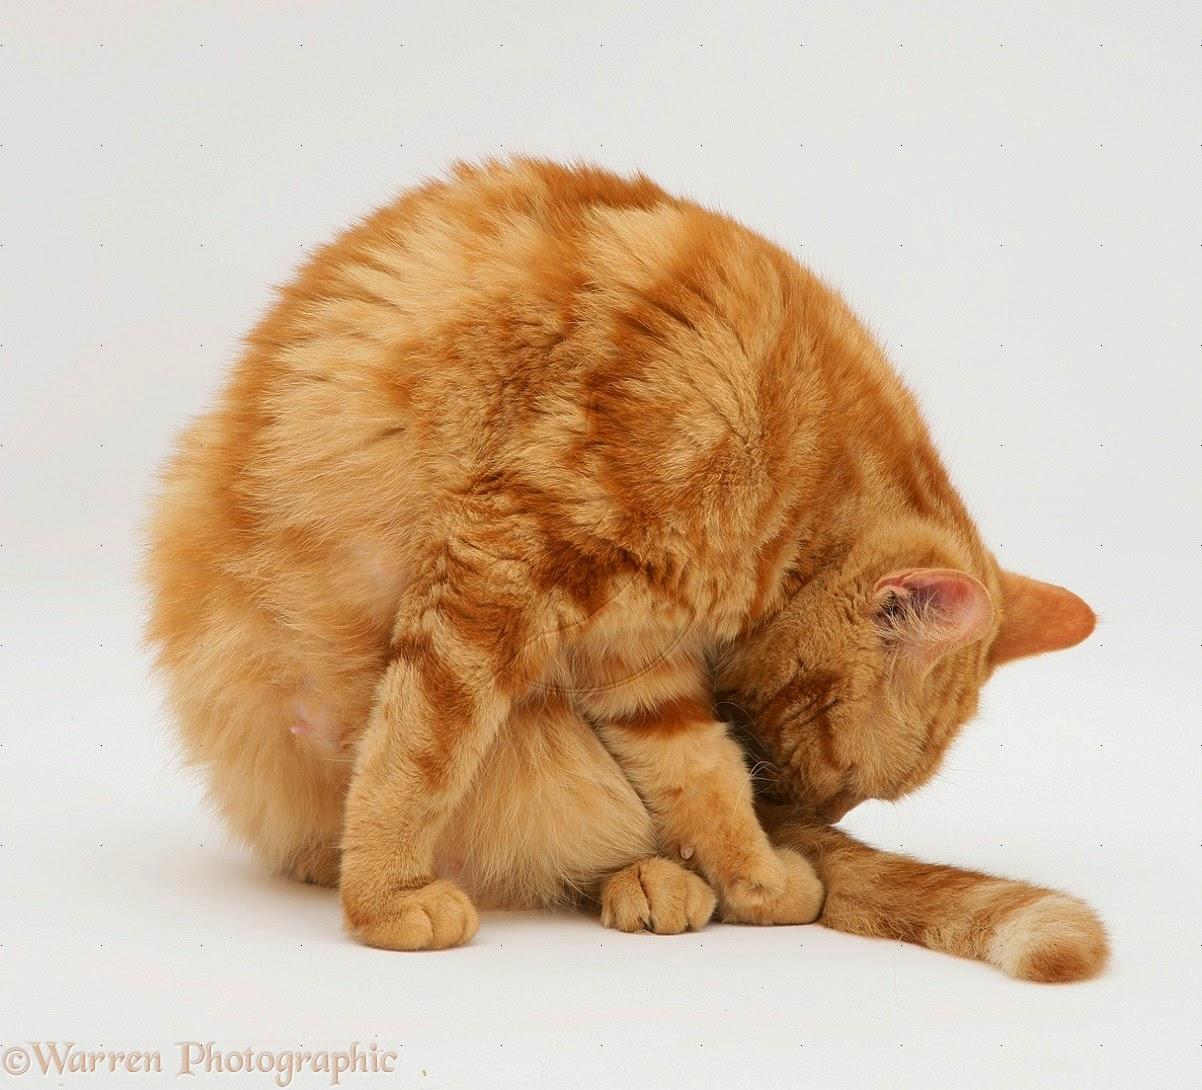 Hasil gambar untuk tubuh kucing yang fleksibel